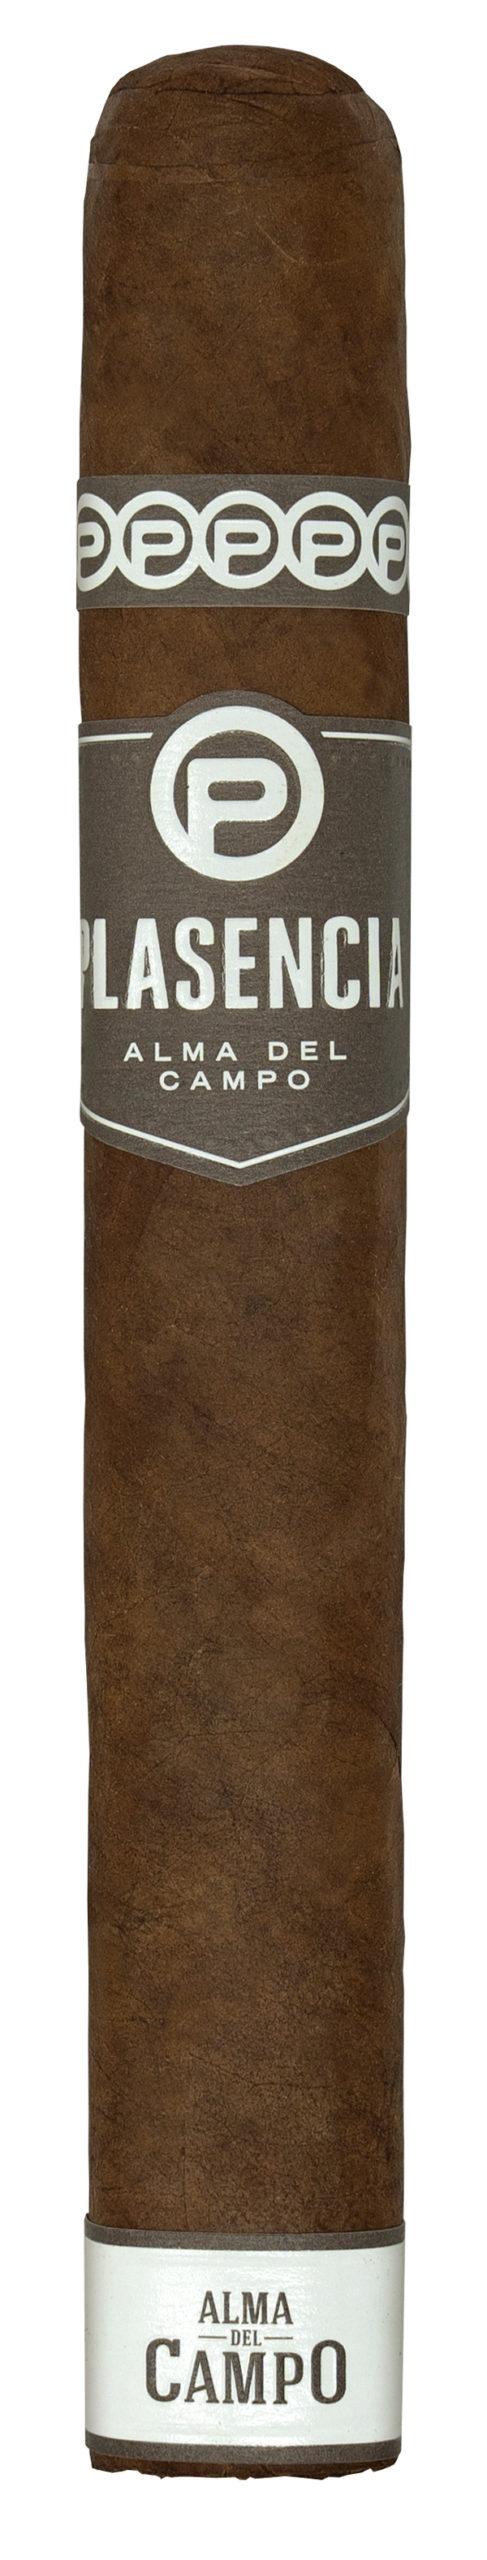 Plasencia Cigars to Release Alma del Campo Travesia Box Press